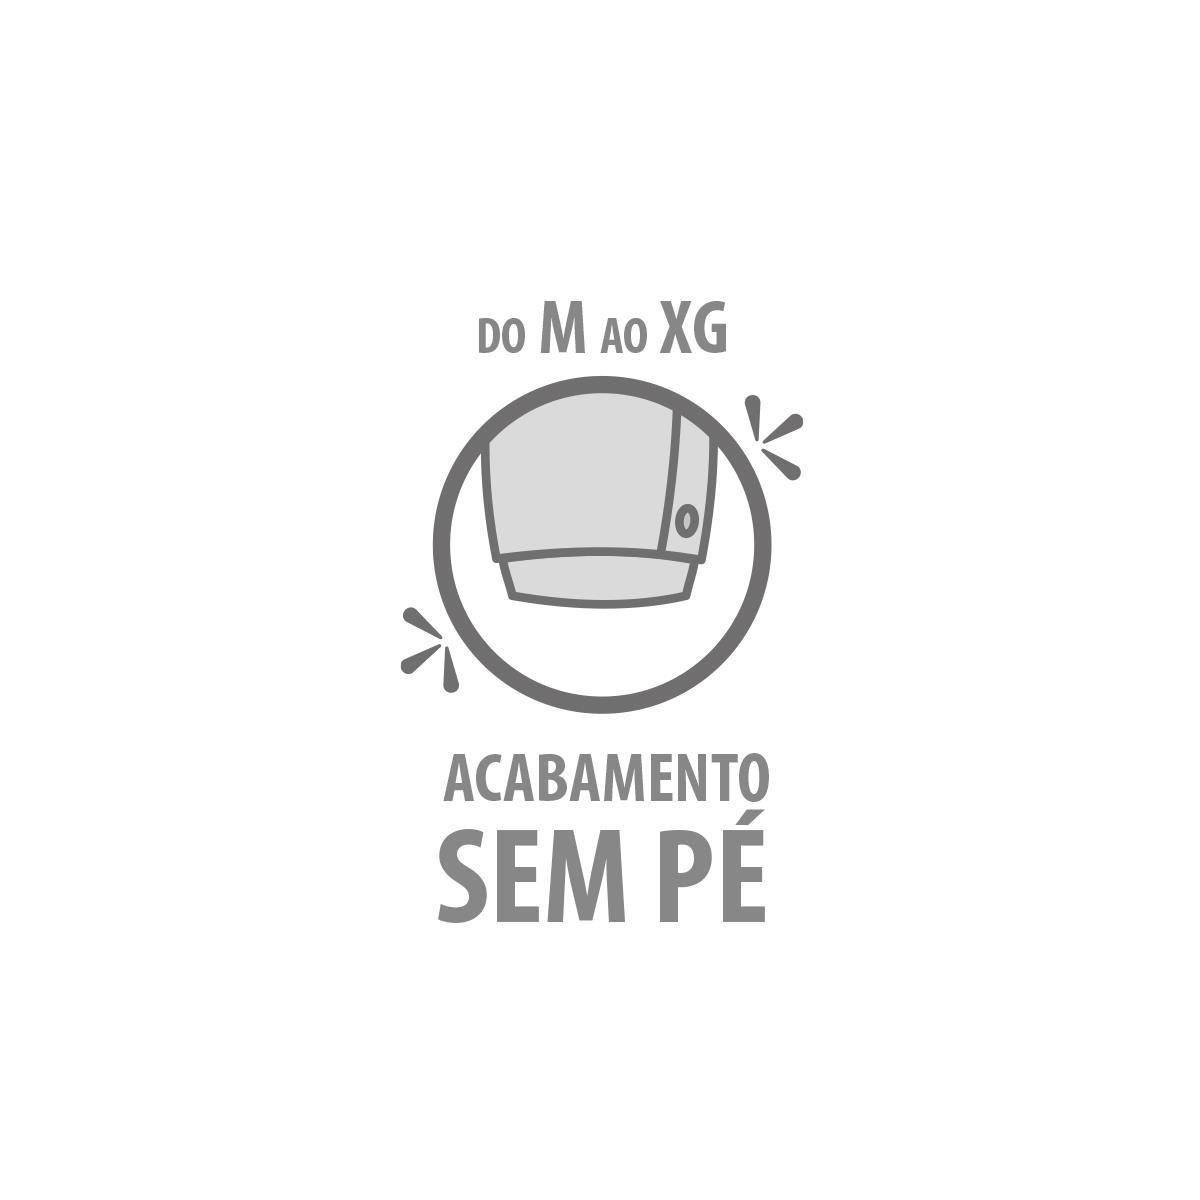 Macacão Botão Lateral Leãozinho - Tamanhos RN e P com pezinho; M, G e XG sem pezinho  - Piu Blu